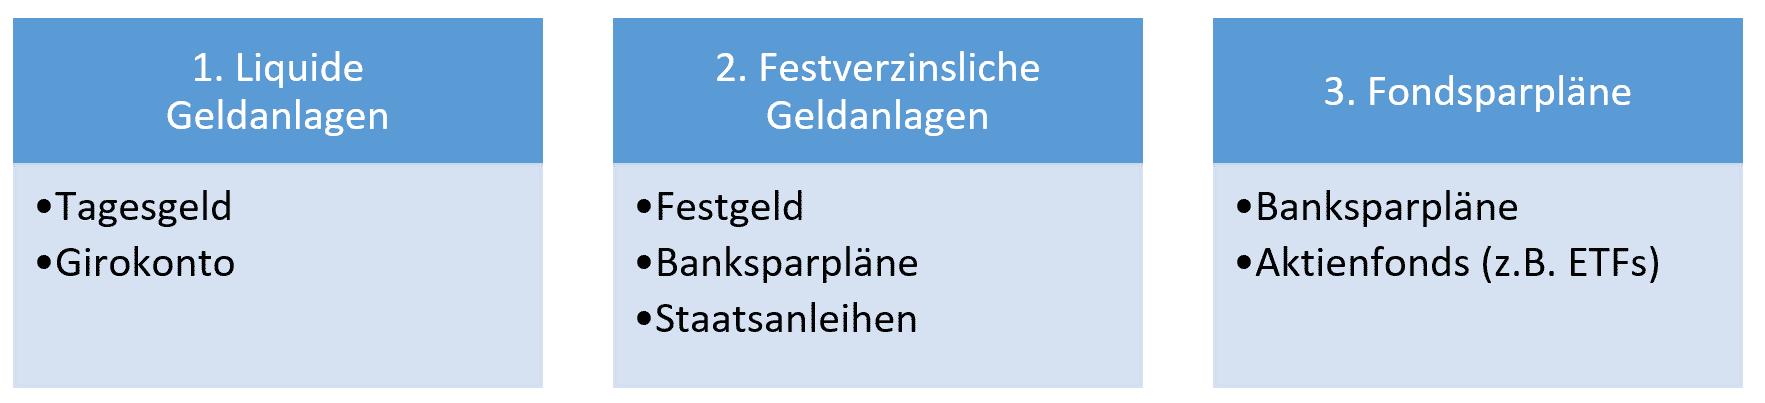 Abbildung 2 Drei häufig verwendete Anlageklassen für Kinder